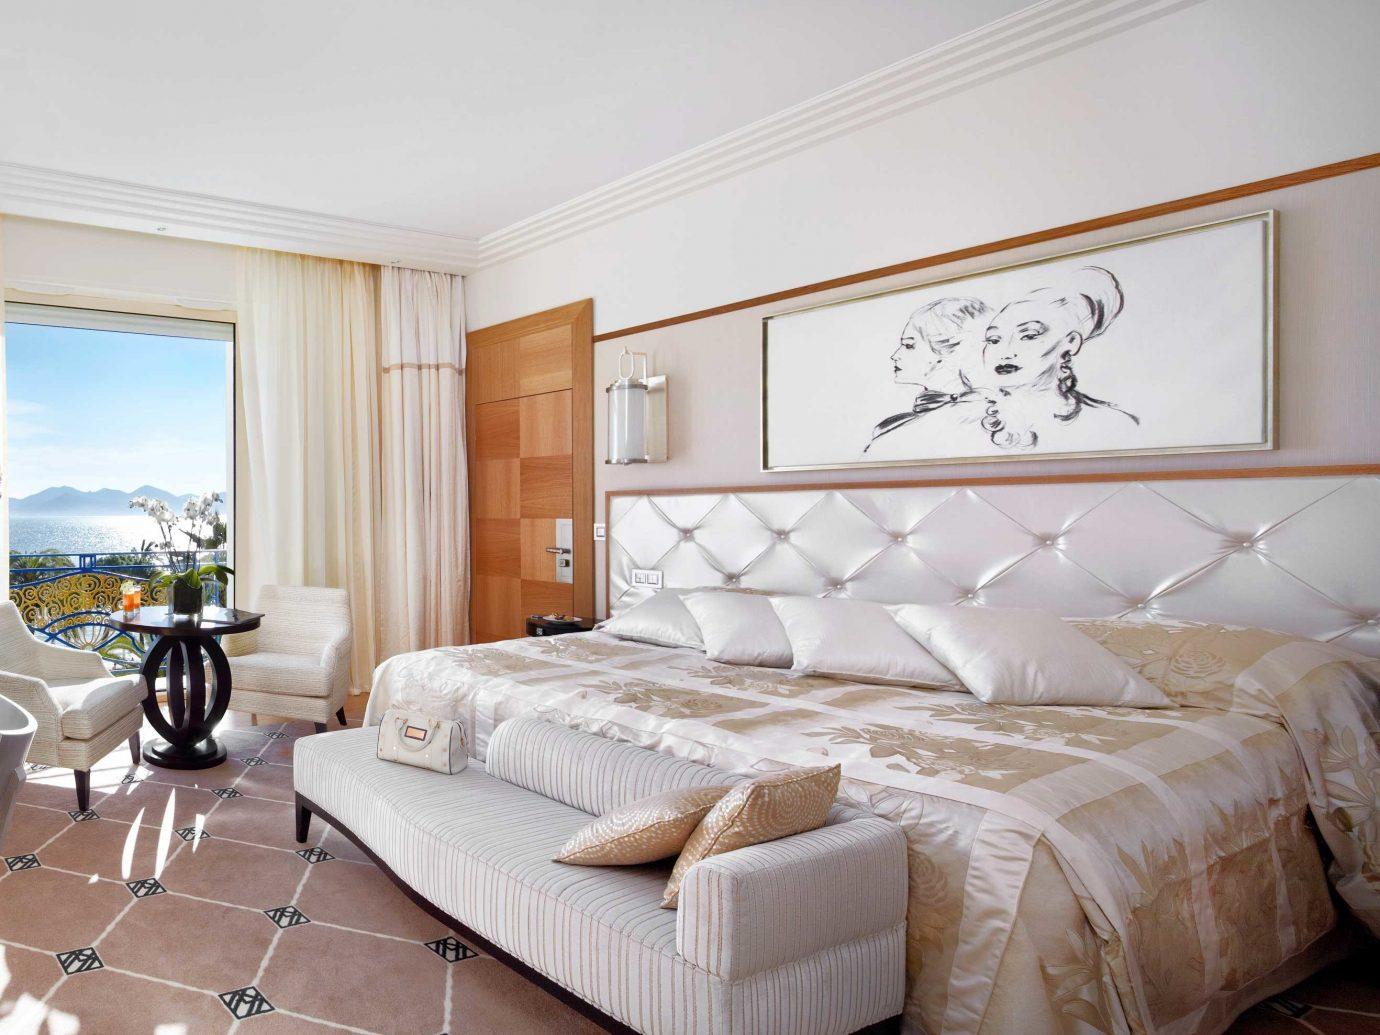 Bedroom at Hôtel Martinez Cannes by Hyatt